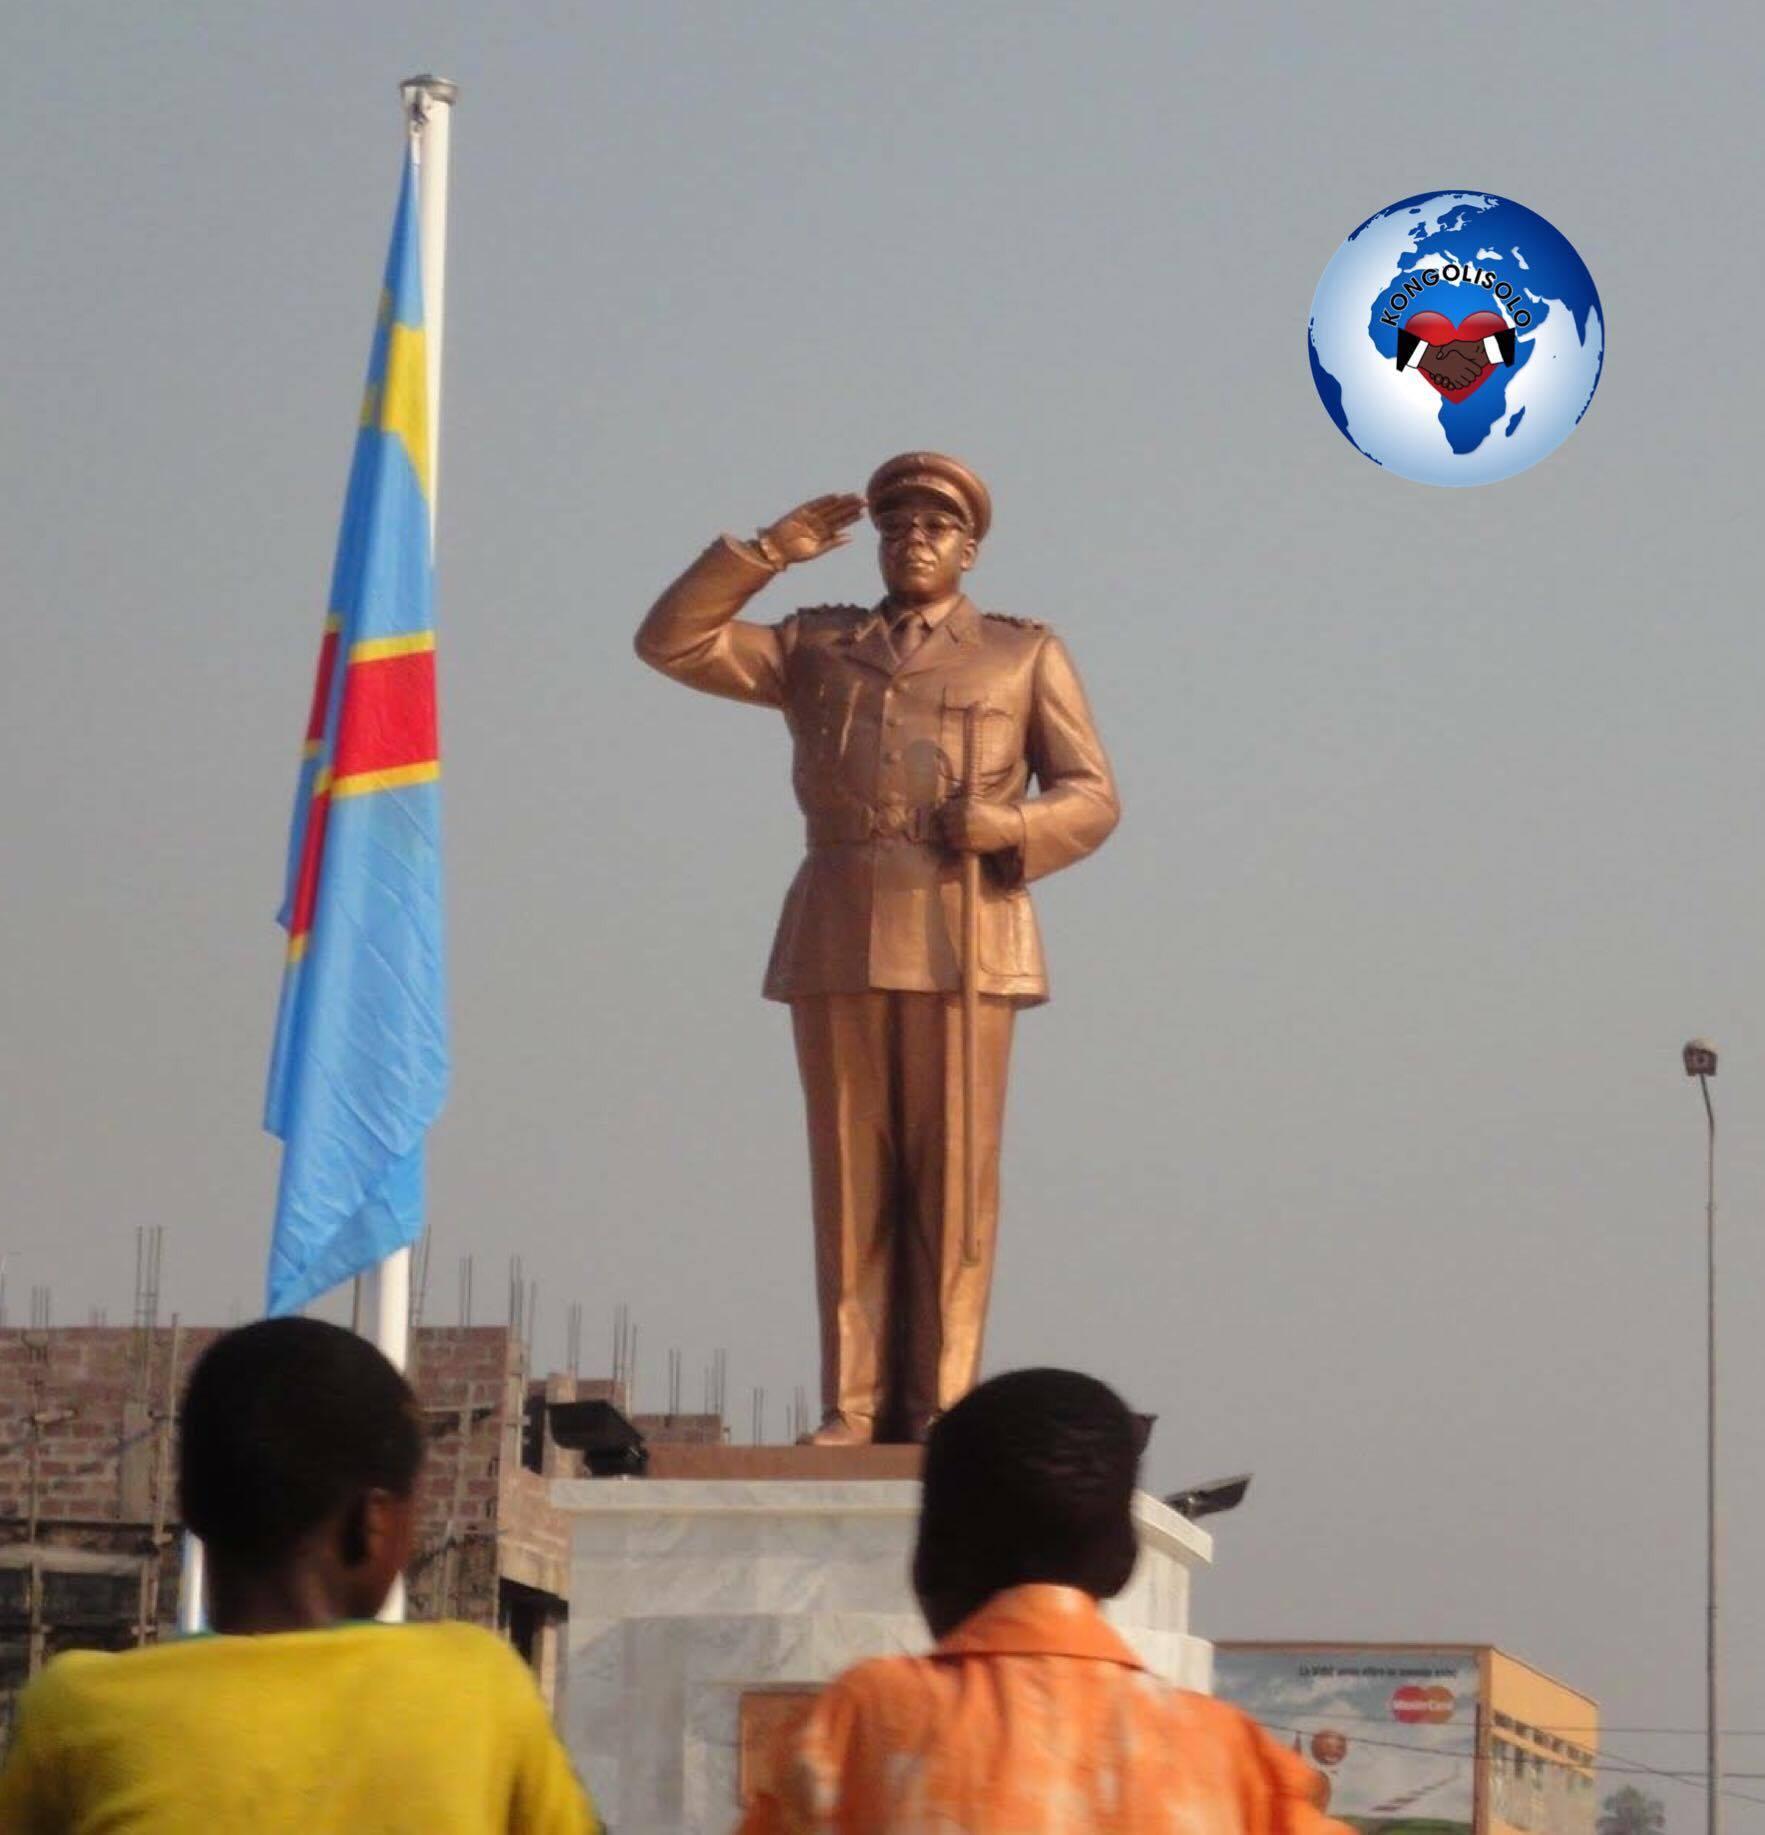 Devoir de mémoire: Nita Evele remercie et félicite toute la communauté congolaise 5/12/2011